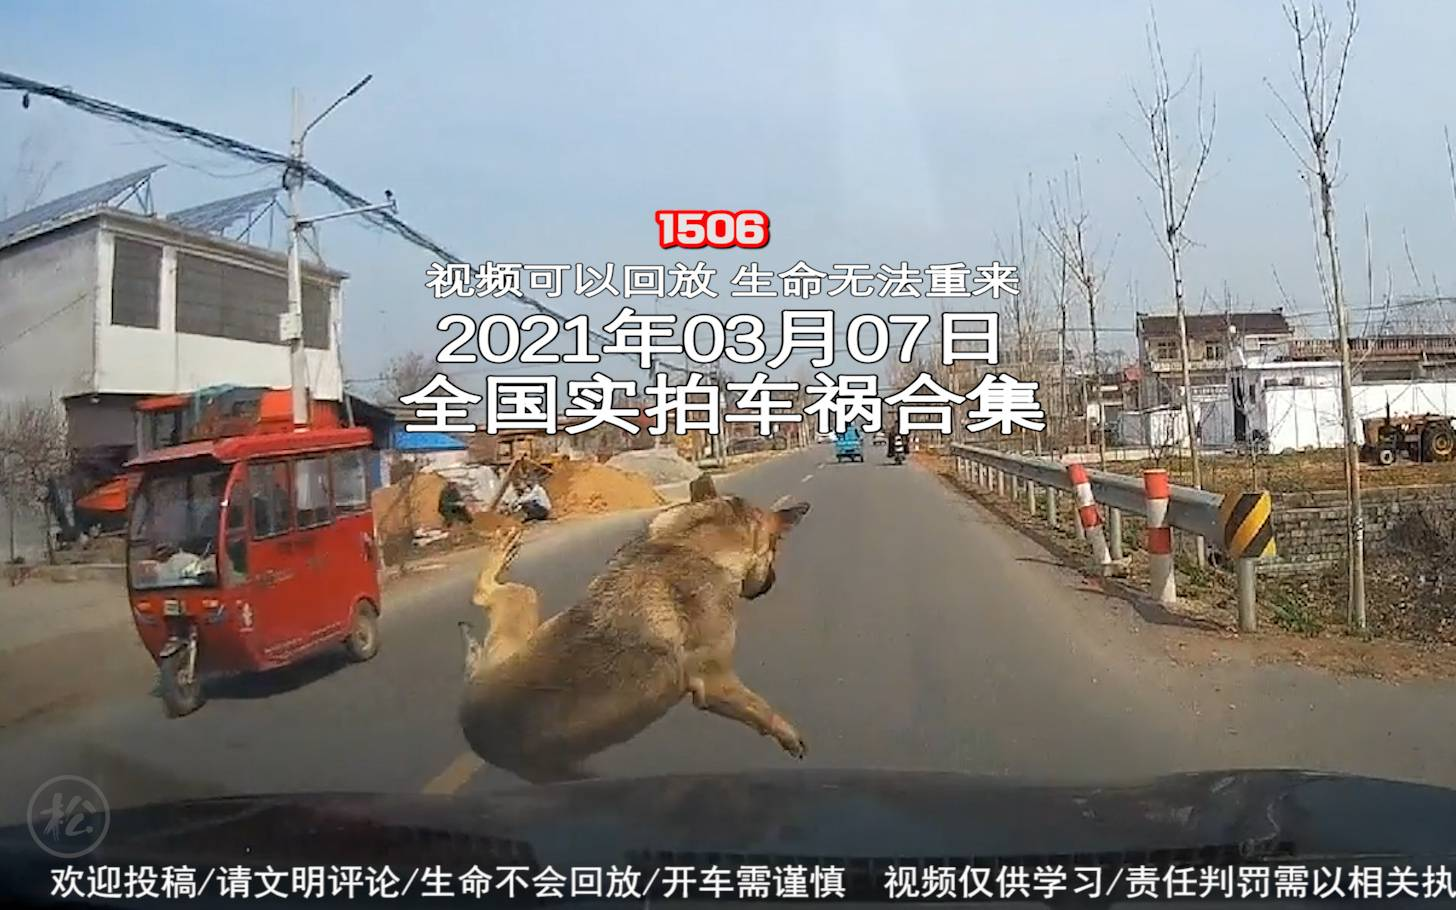 1506期:司机酒后驾车出去寻找走丢的狗狗,把人家大门撞了【20210307全国车祸合集】